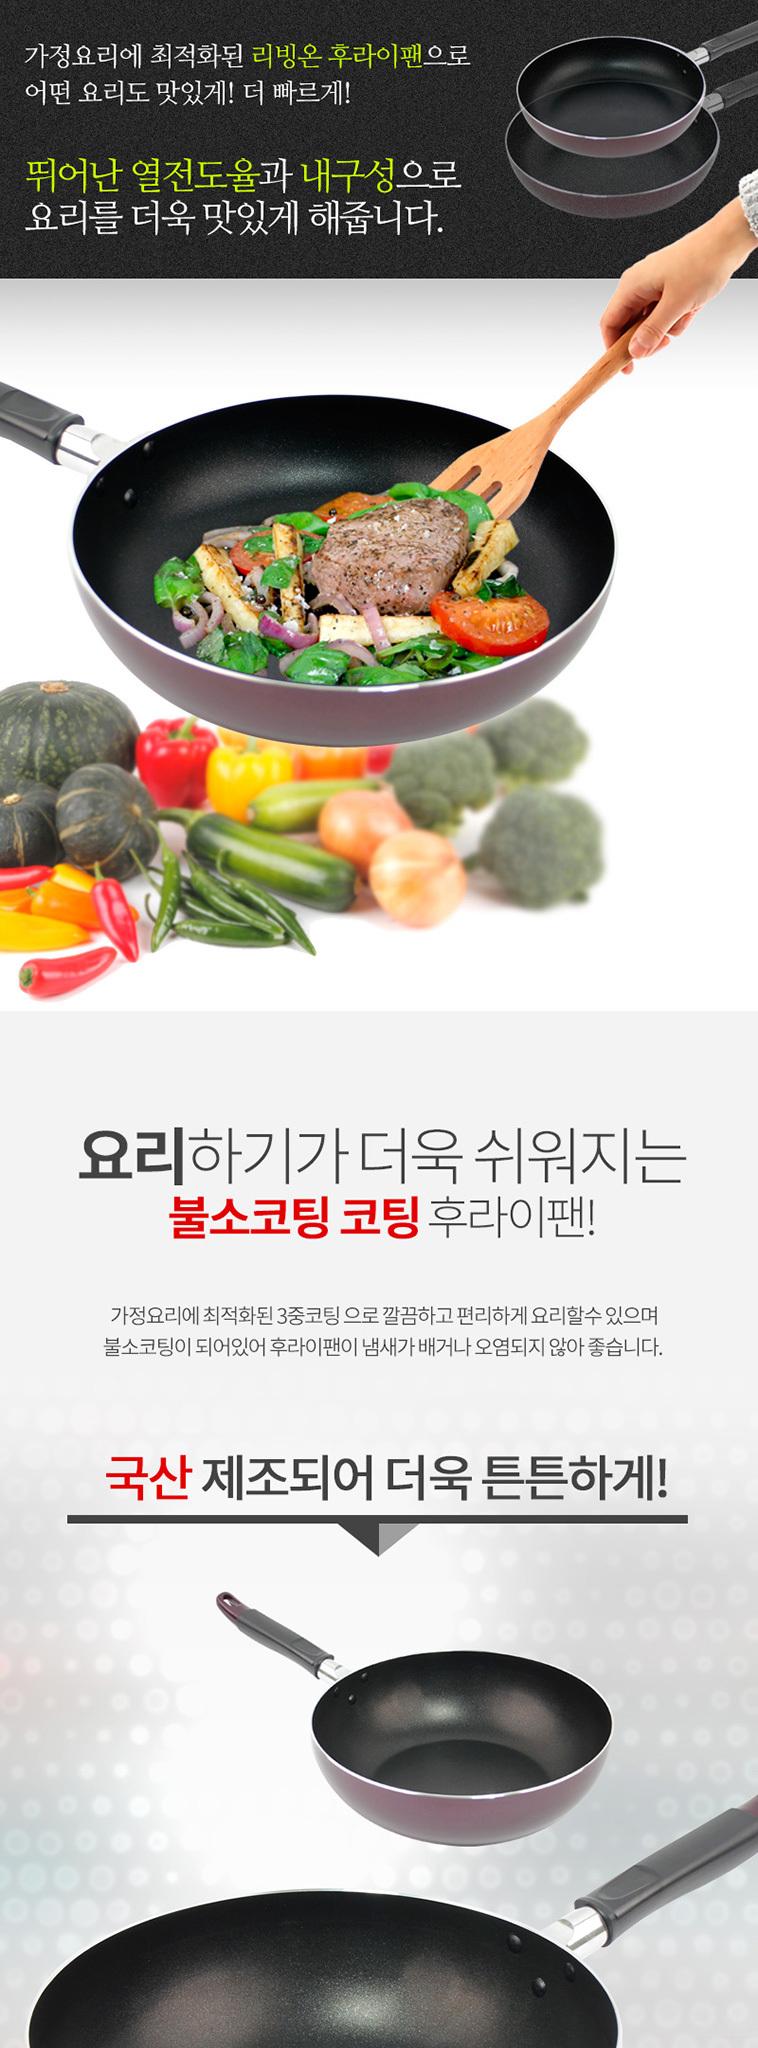 [투데이특가] 리빙온 3중 후라이팬 - 상세정보